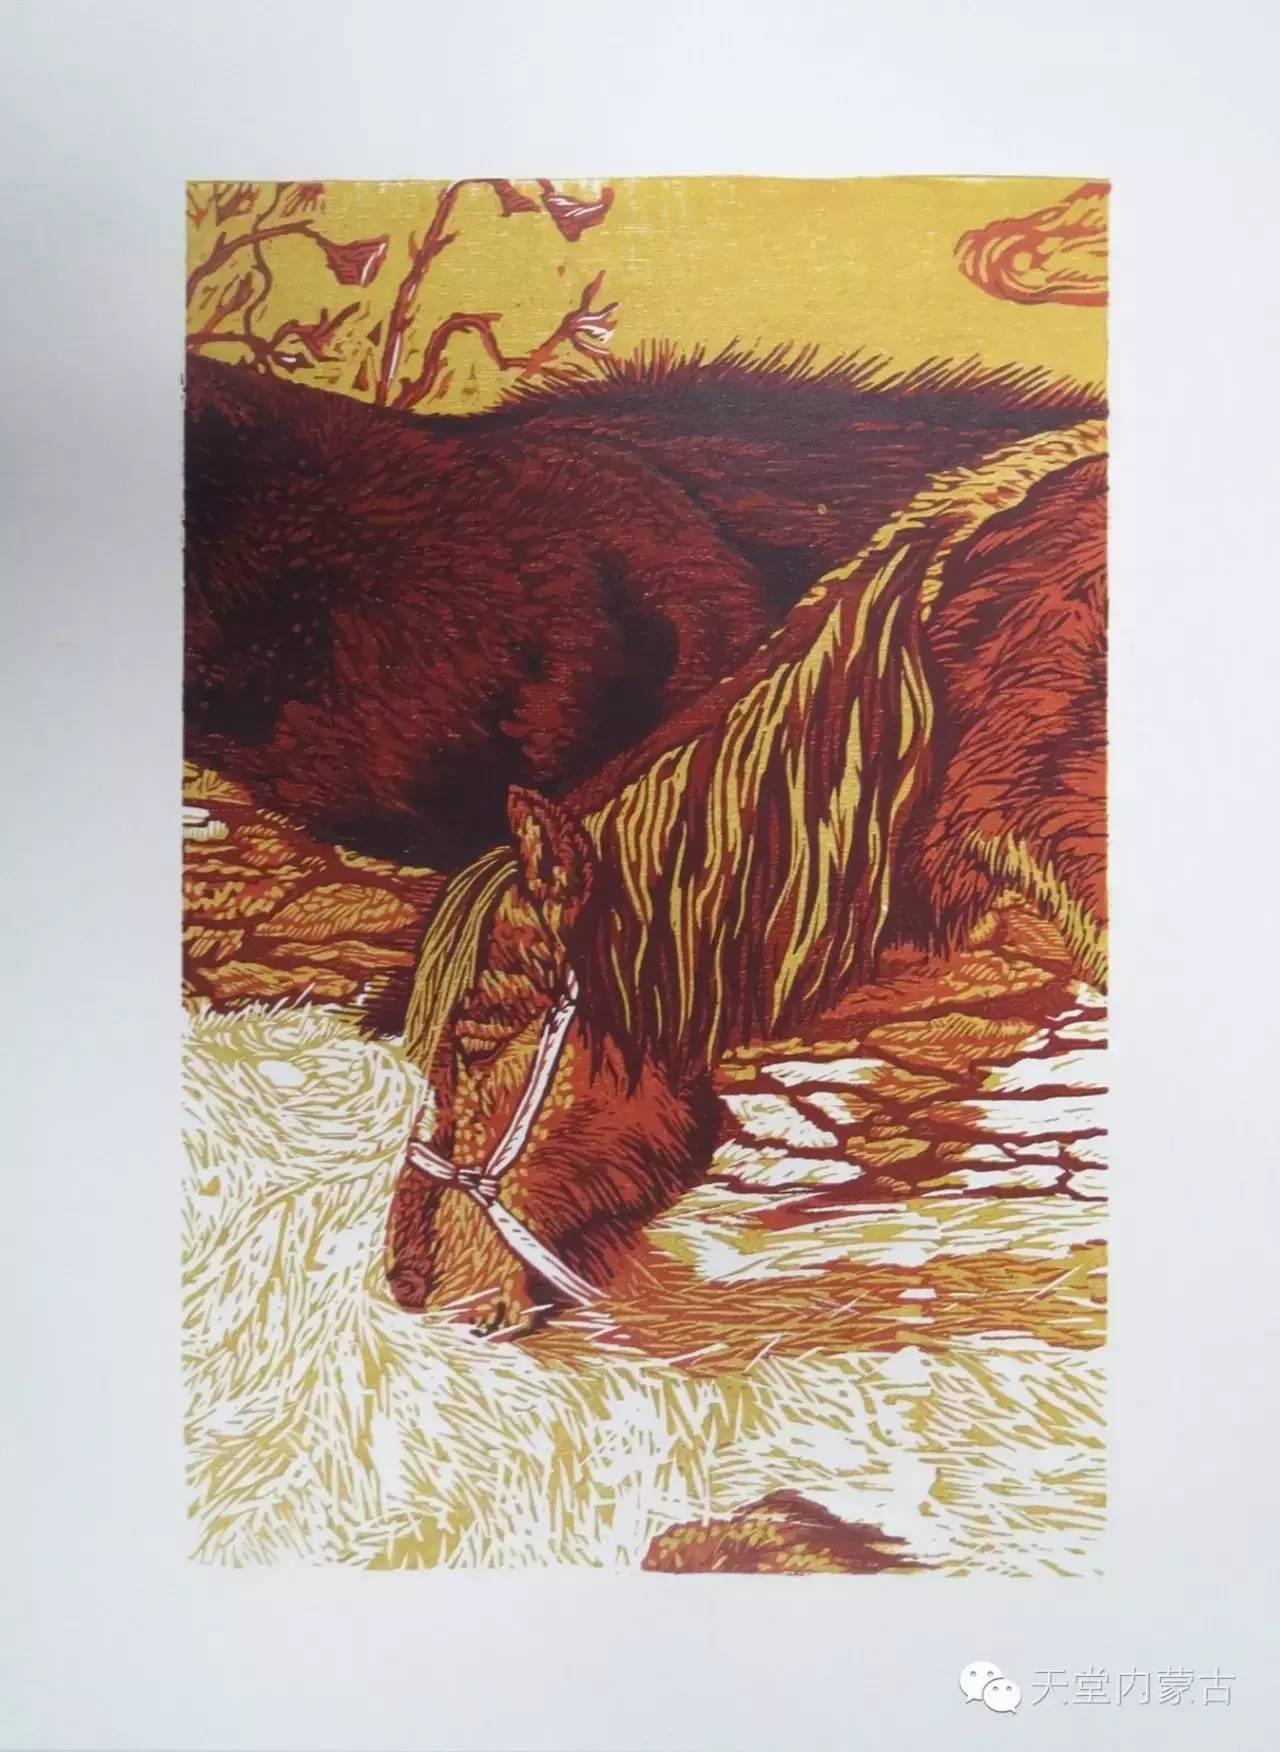 🔴内蒙古青年画家前德门作品 第4张 🔴内蒙古青年画家前德门作品 蒙古画廊